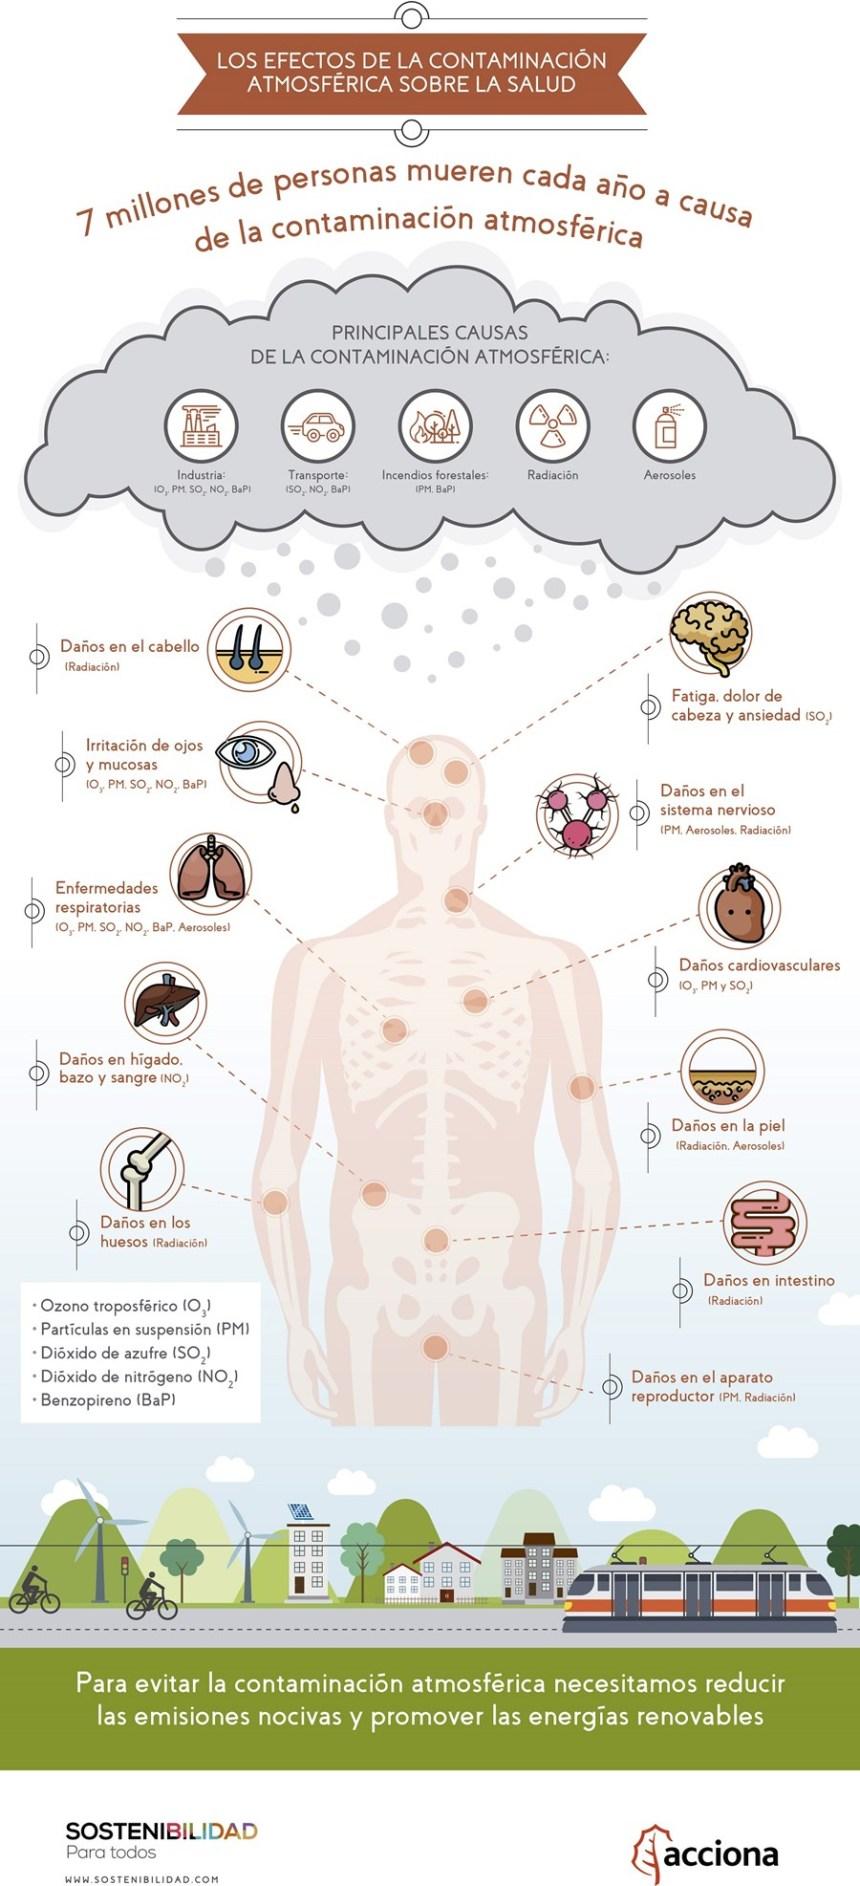 Efectos de la contaminación atmosférica sobre la salud